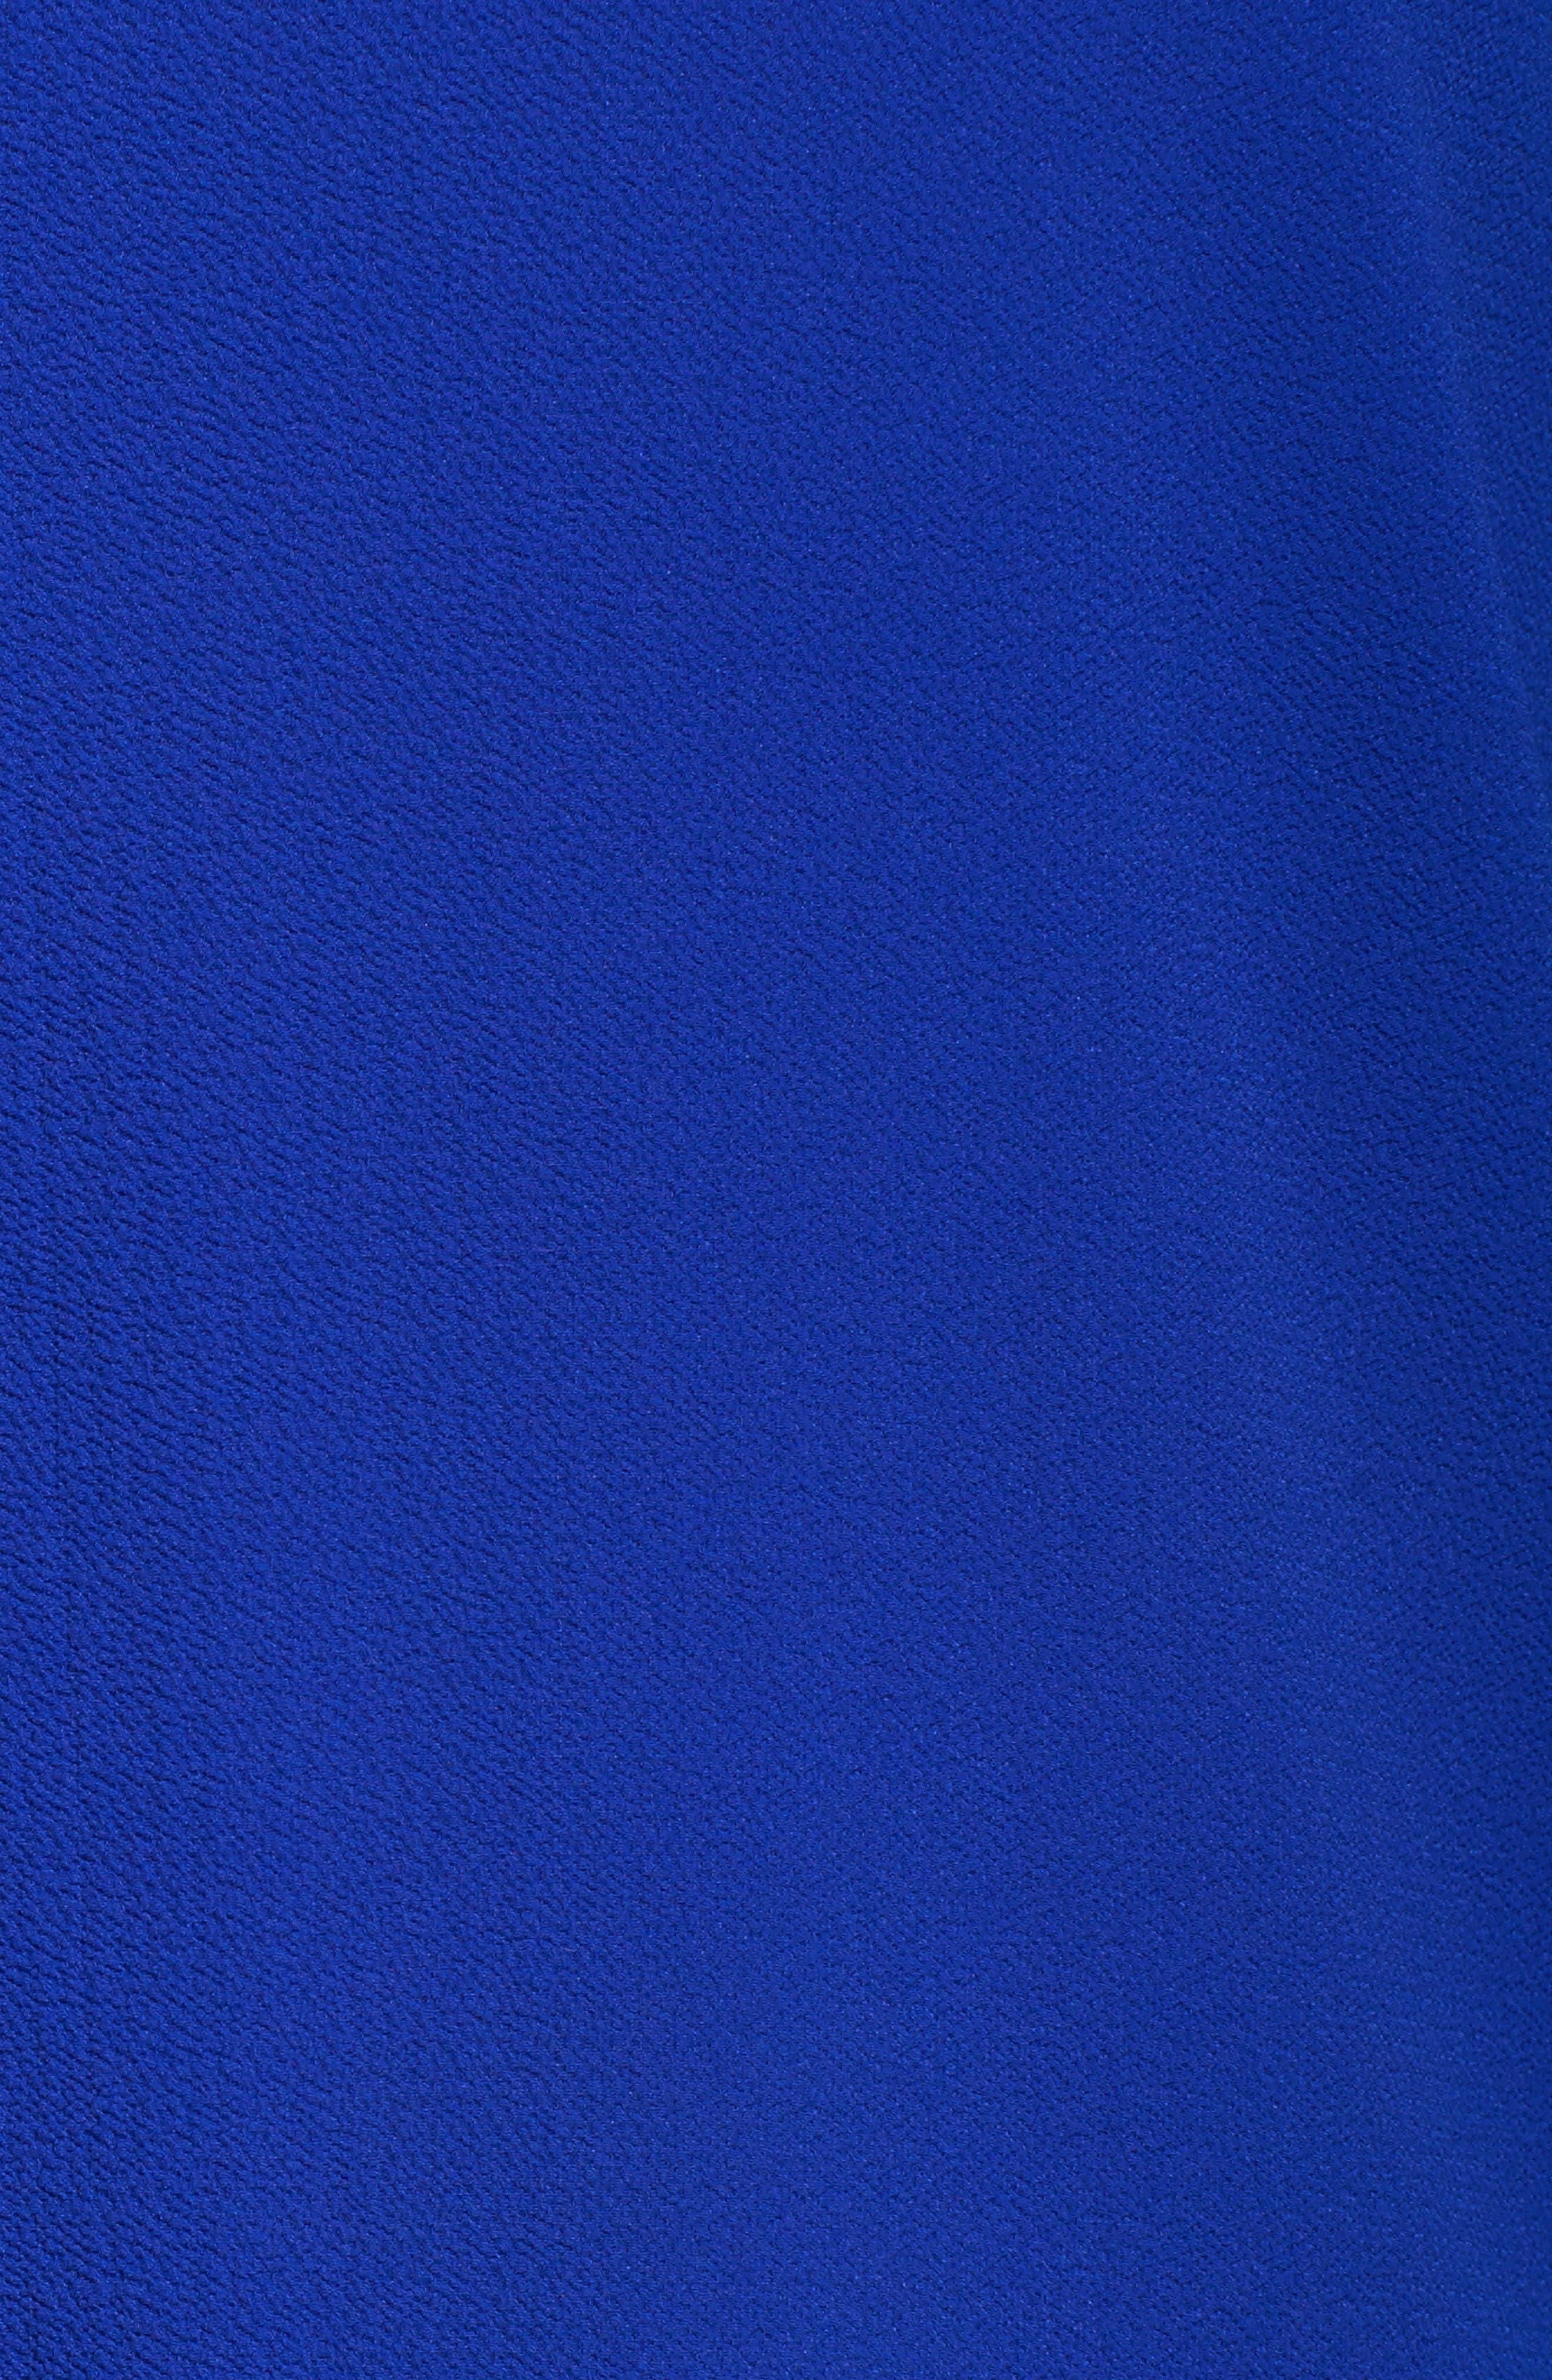 Flutter Sleeve Cold Shoulder Blouse,                             Alternate thumbnail 5, color,                             Vivid Blue